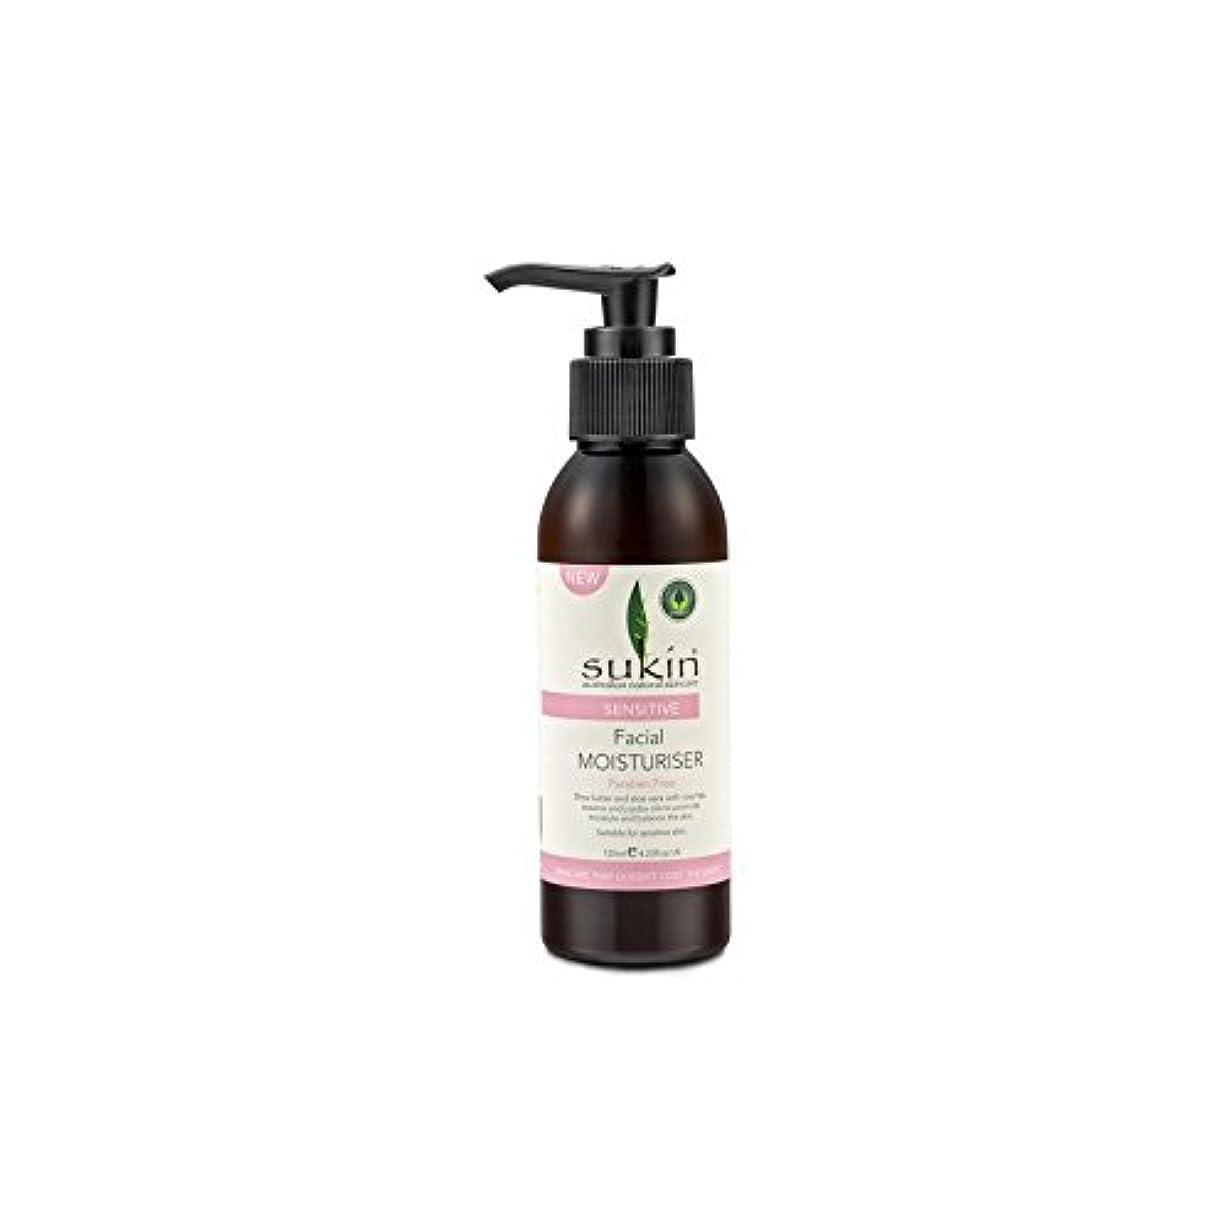 水分関連する独特の敏感な顔の保湿剤(125ミリリットル) x2 - Sukin Sensitive Facial Moisturiser (125ml) (Pack of 2) [並行輸入品]